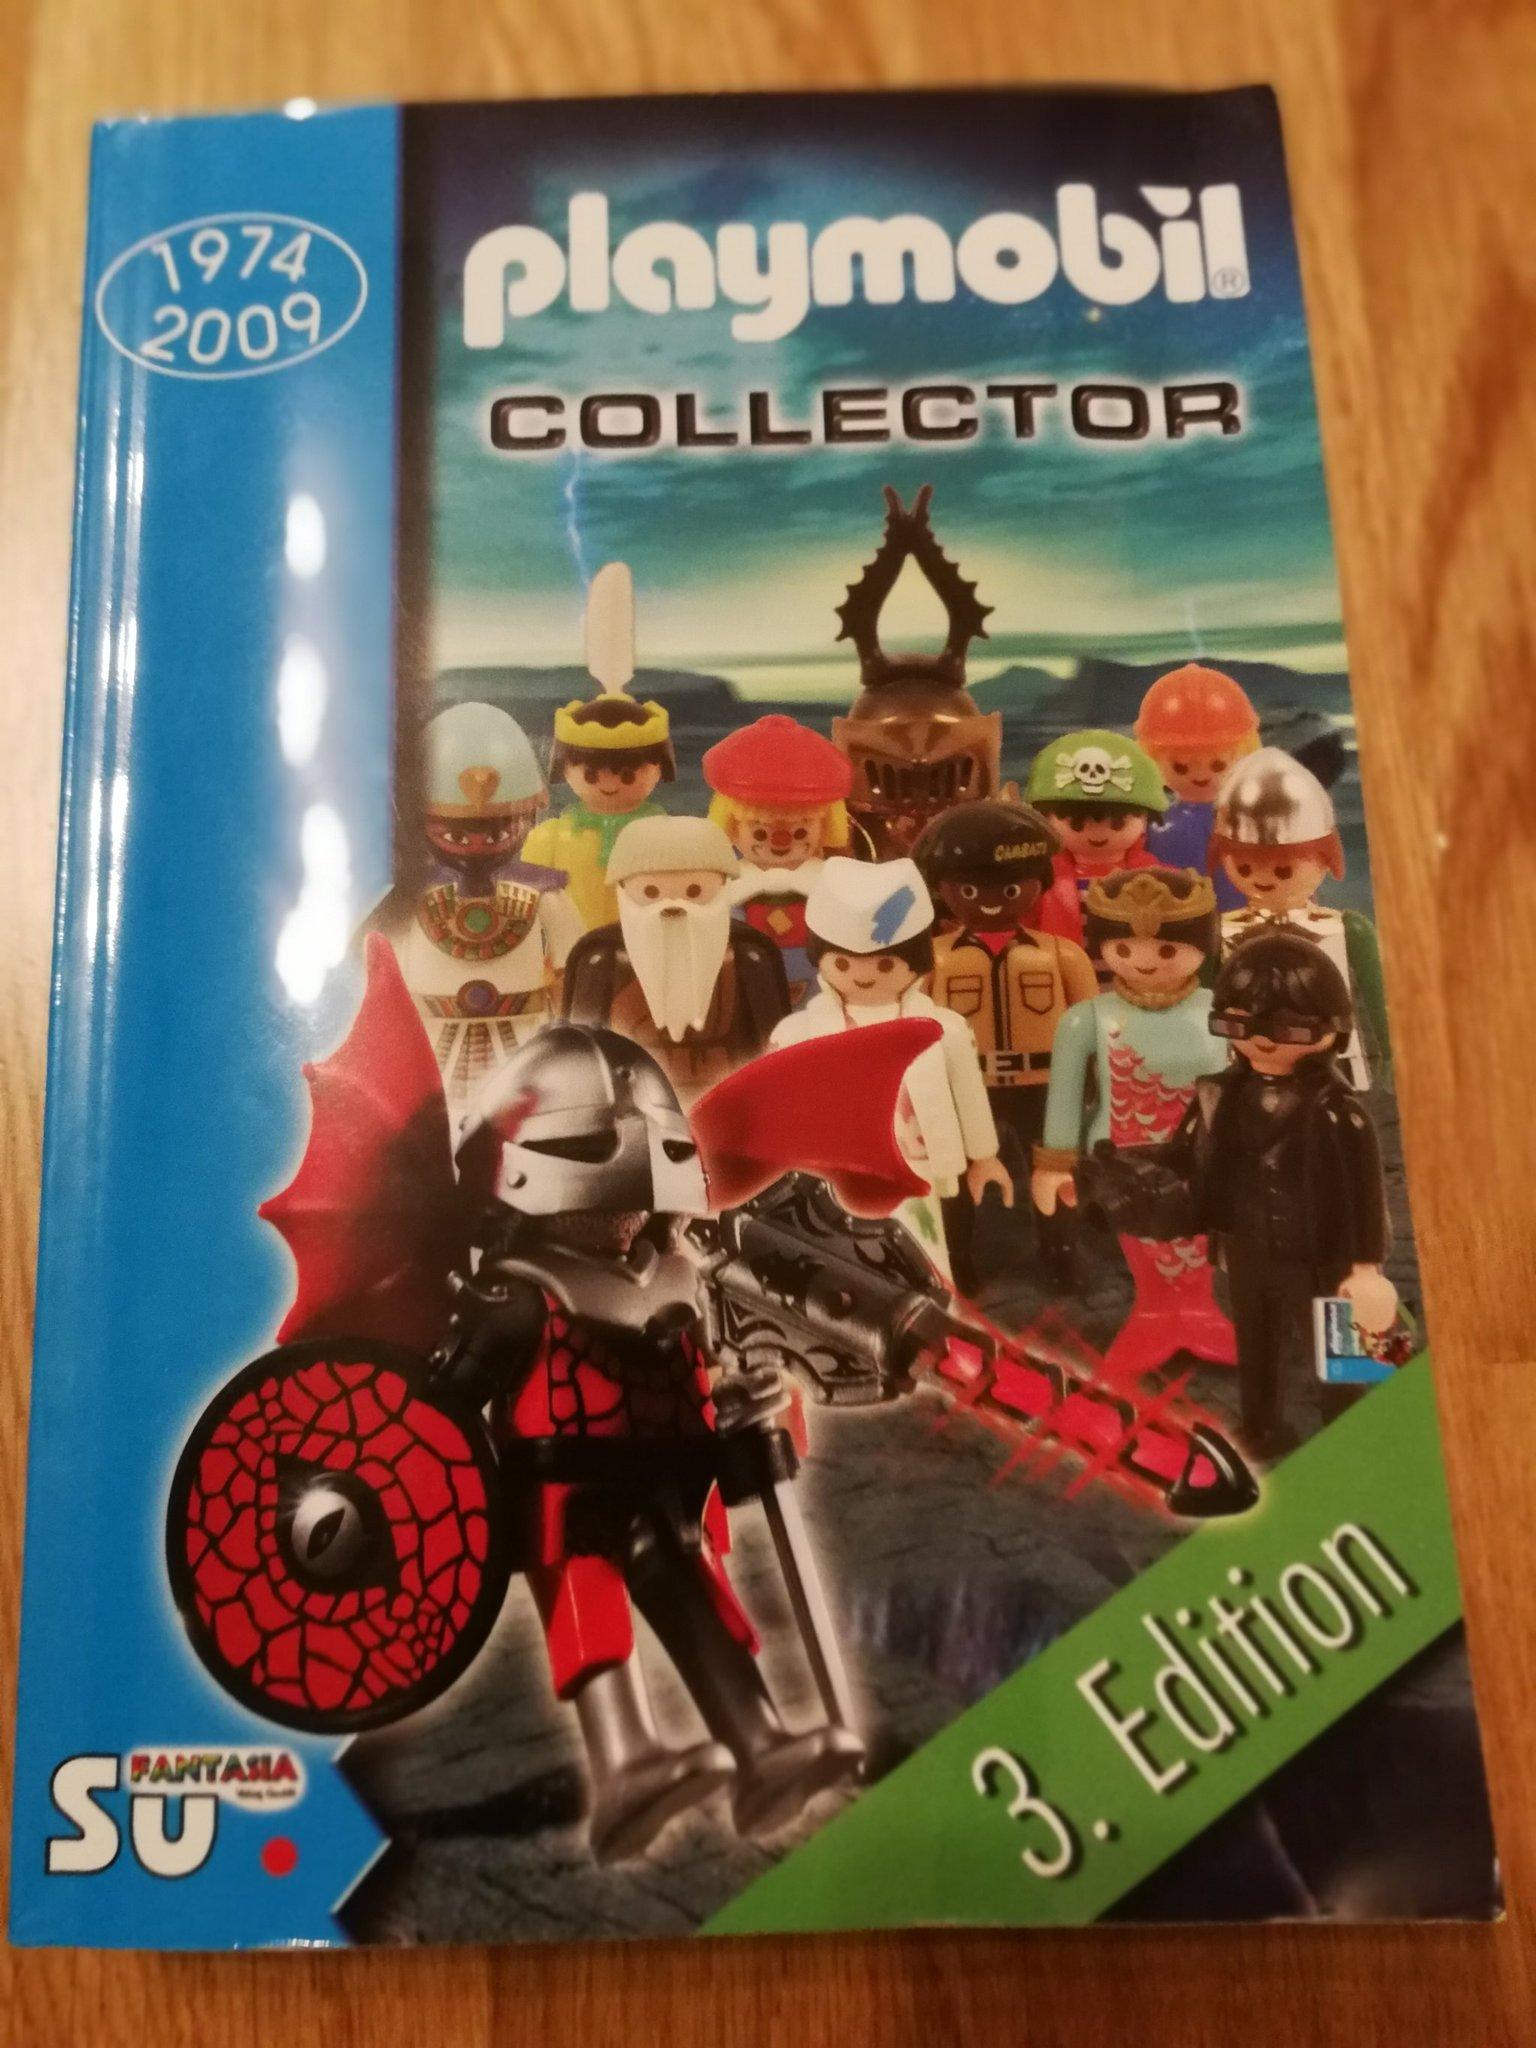 Playmobil Collector Book